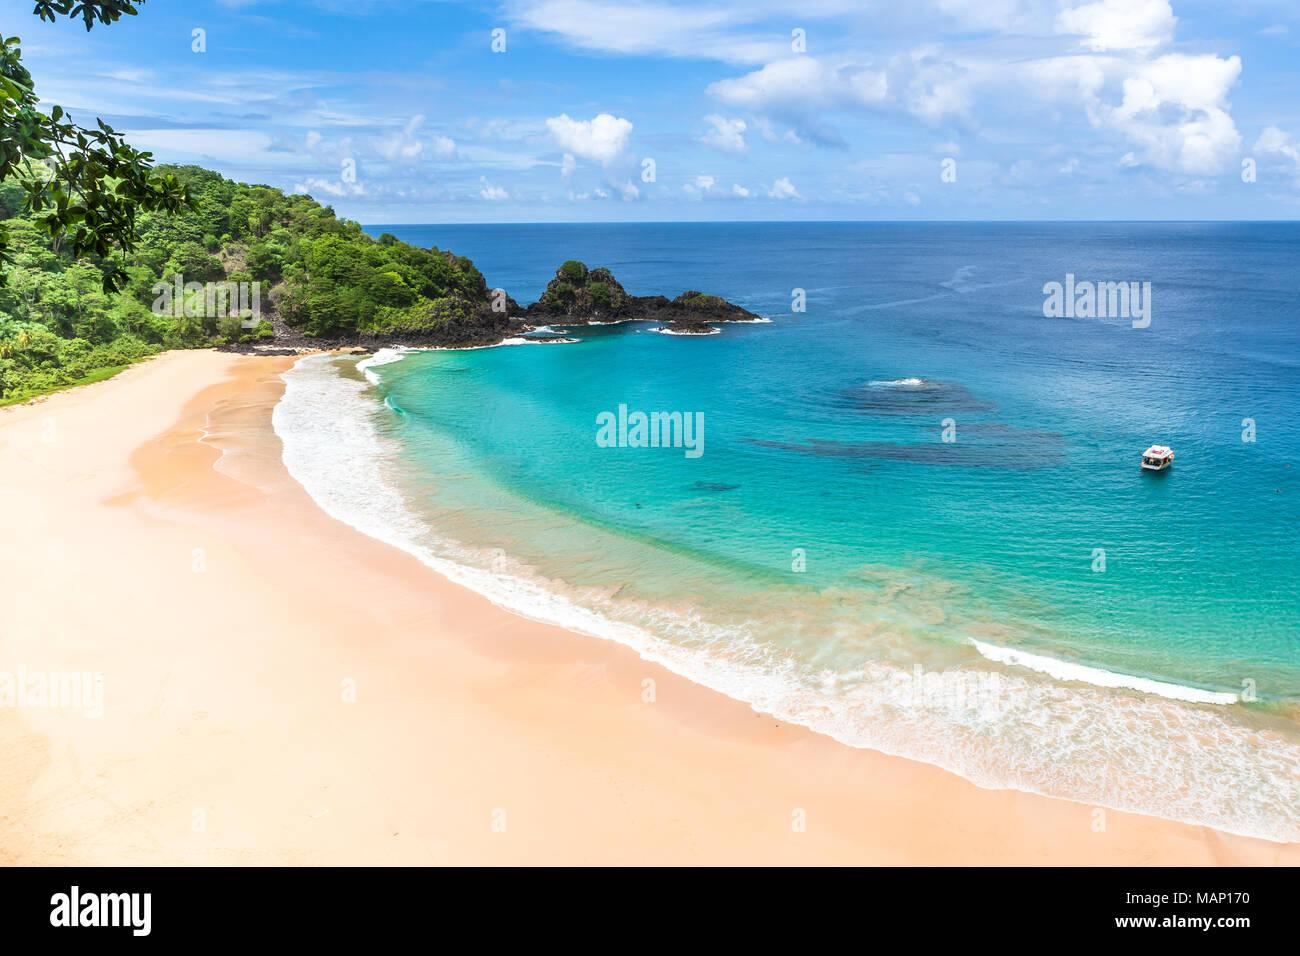 Fernando de Noronha, Brésil. Vue aérienne de Sancho Beach sur l'île de Fernando de Noronha. Voir sans que personne sur la plage. Arbres et plantes autour. Photo Stock